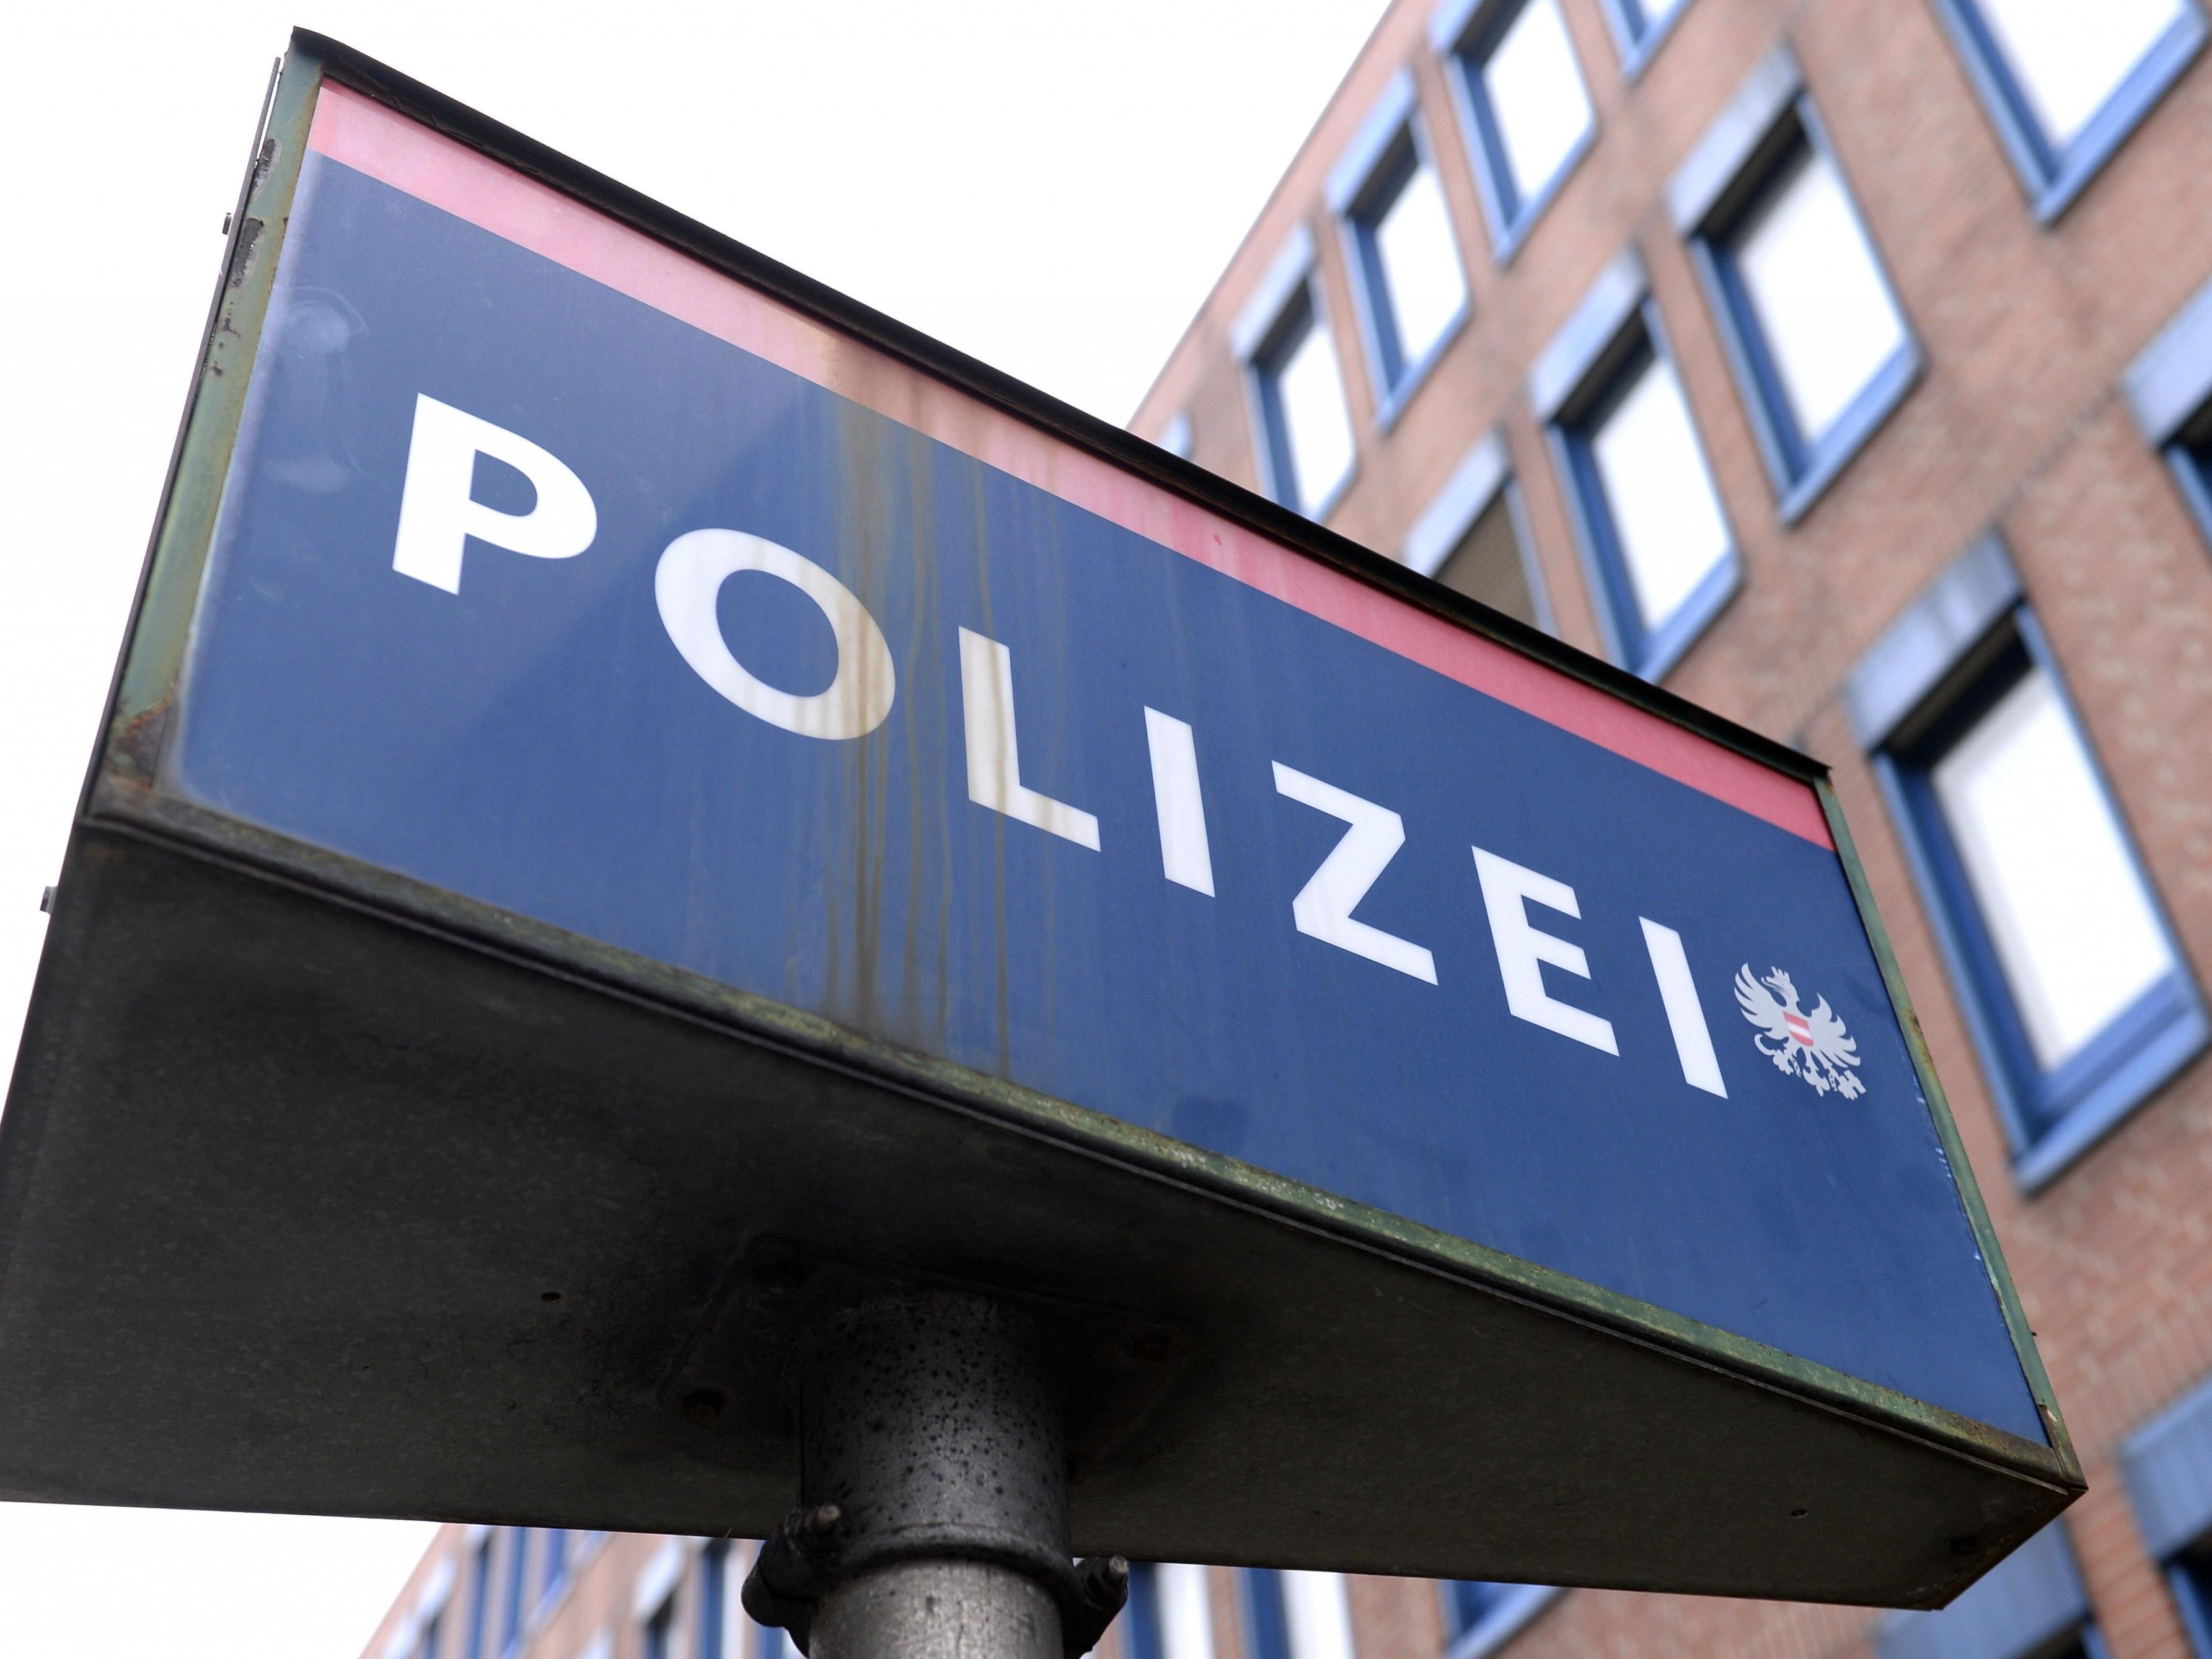 Der Polizei-Notruf war am Donnerstagvormittag in Wien stundenlang nicht erreichbar.